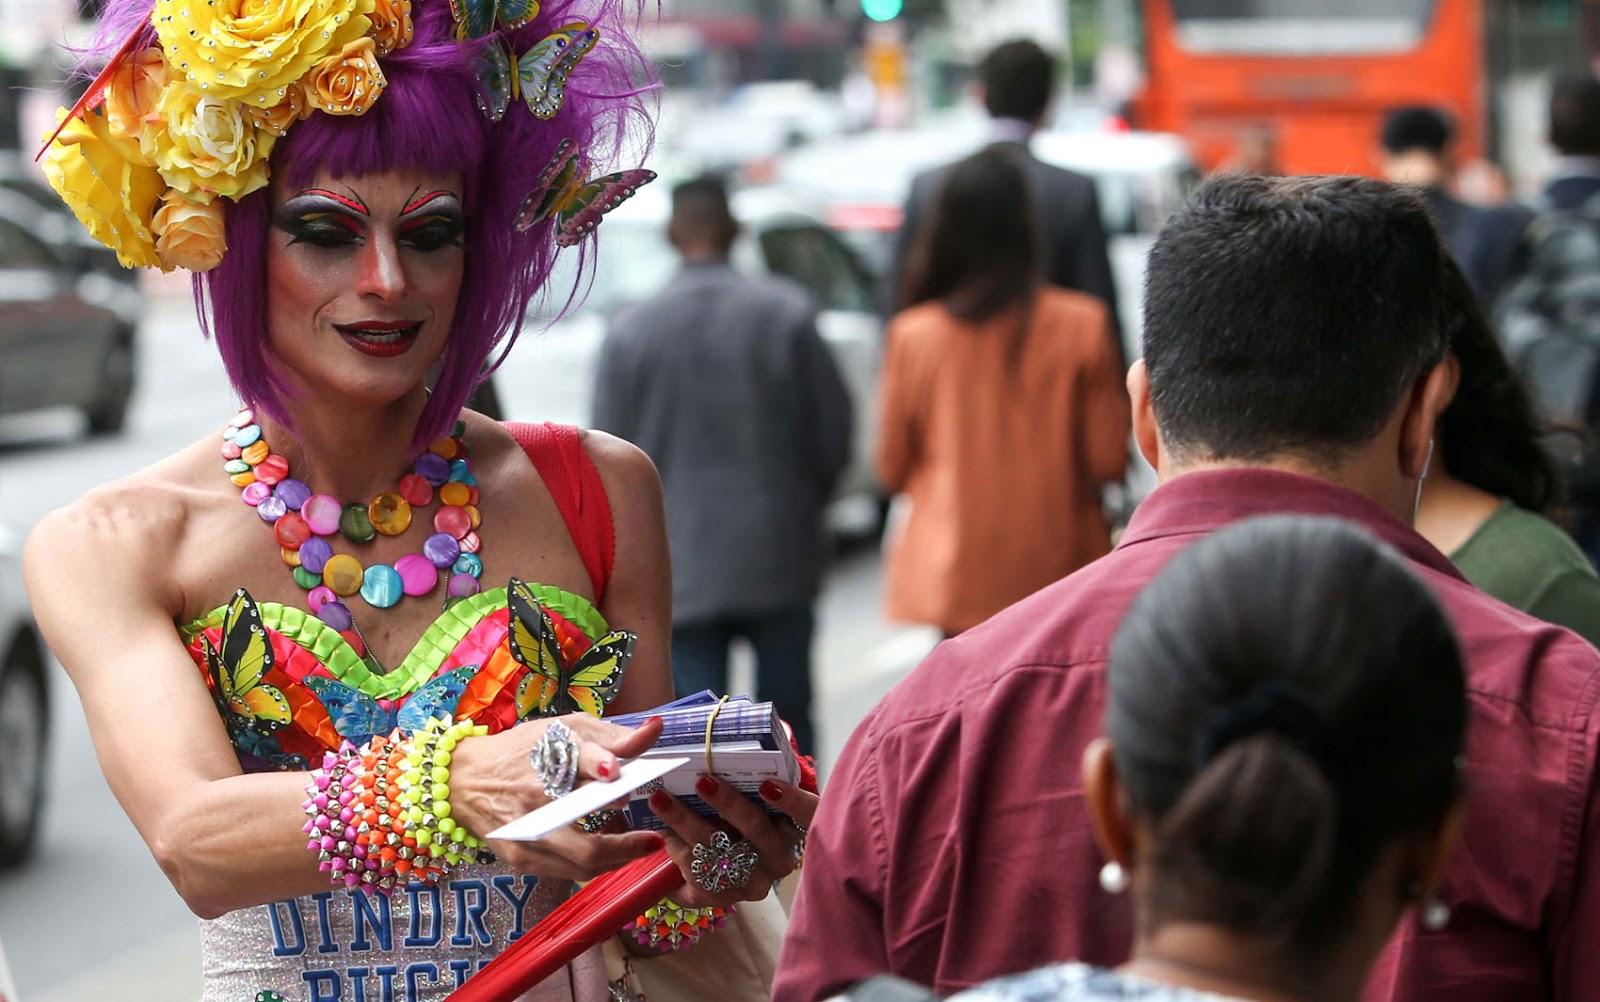 Drag Queens distribuem preservativos e panfletos em ação para lembrar o Dia Mundial de Combate à Aids na Avenida Paulista.